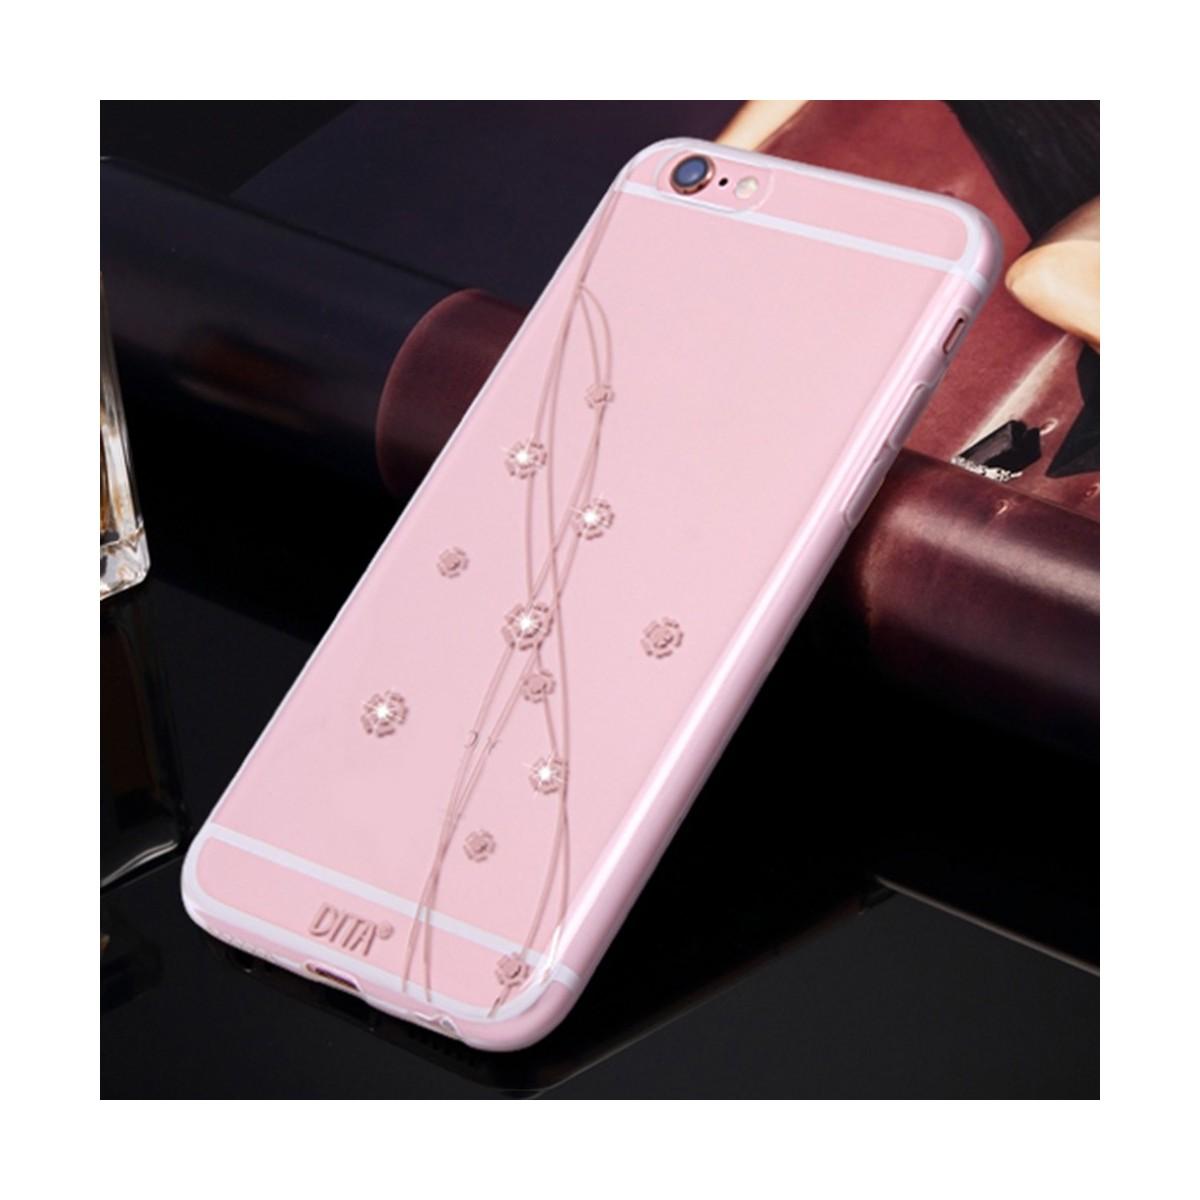 Coque iPhone 6 Plus / 6s Plus Transparente Petites Fleurs et Strass - Dita